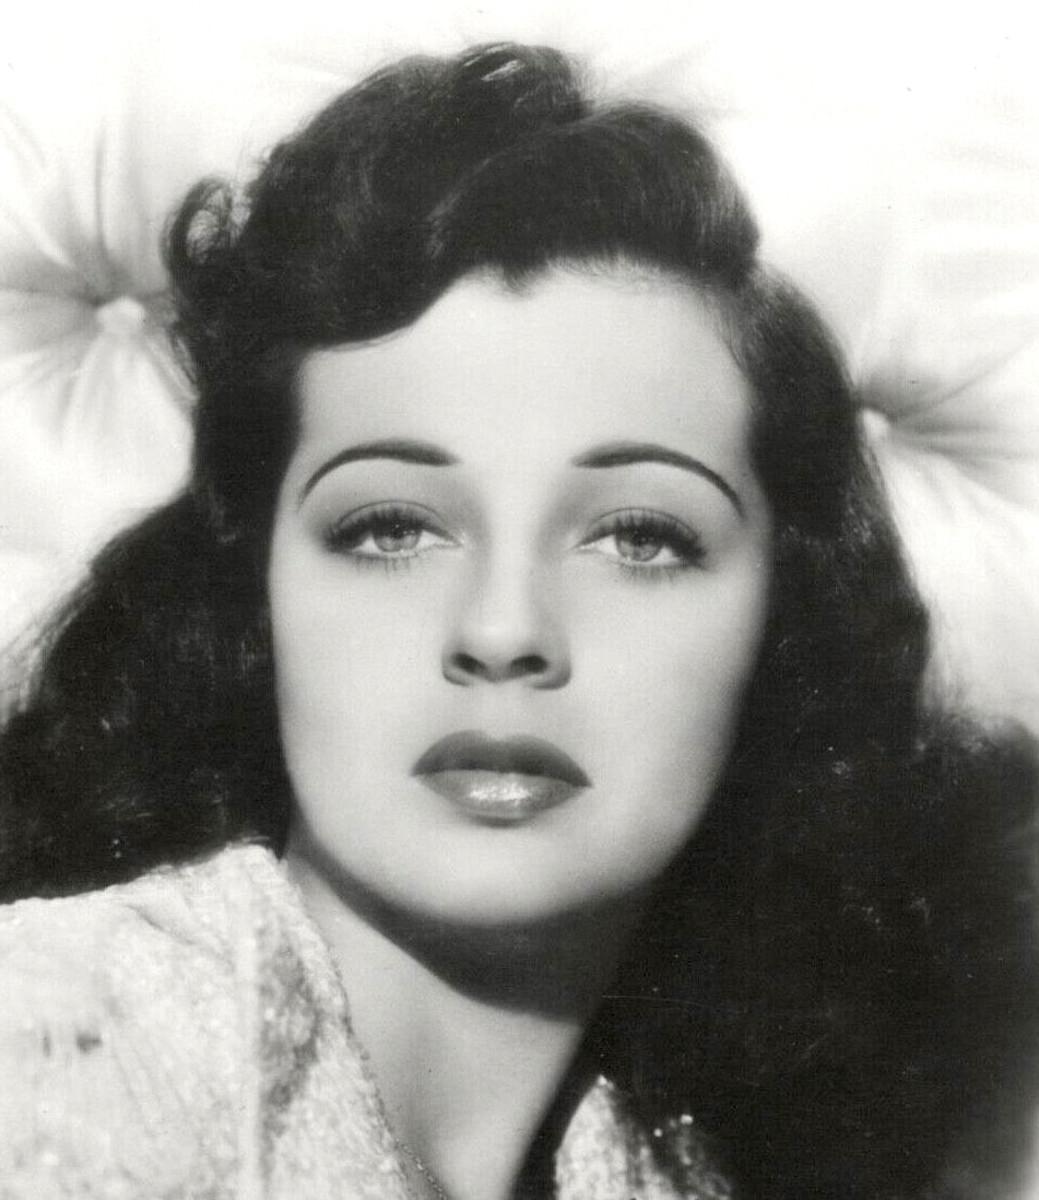 Gail Russell postcard photo circa 1950s.